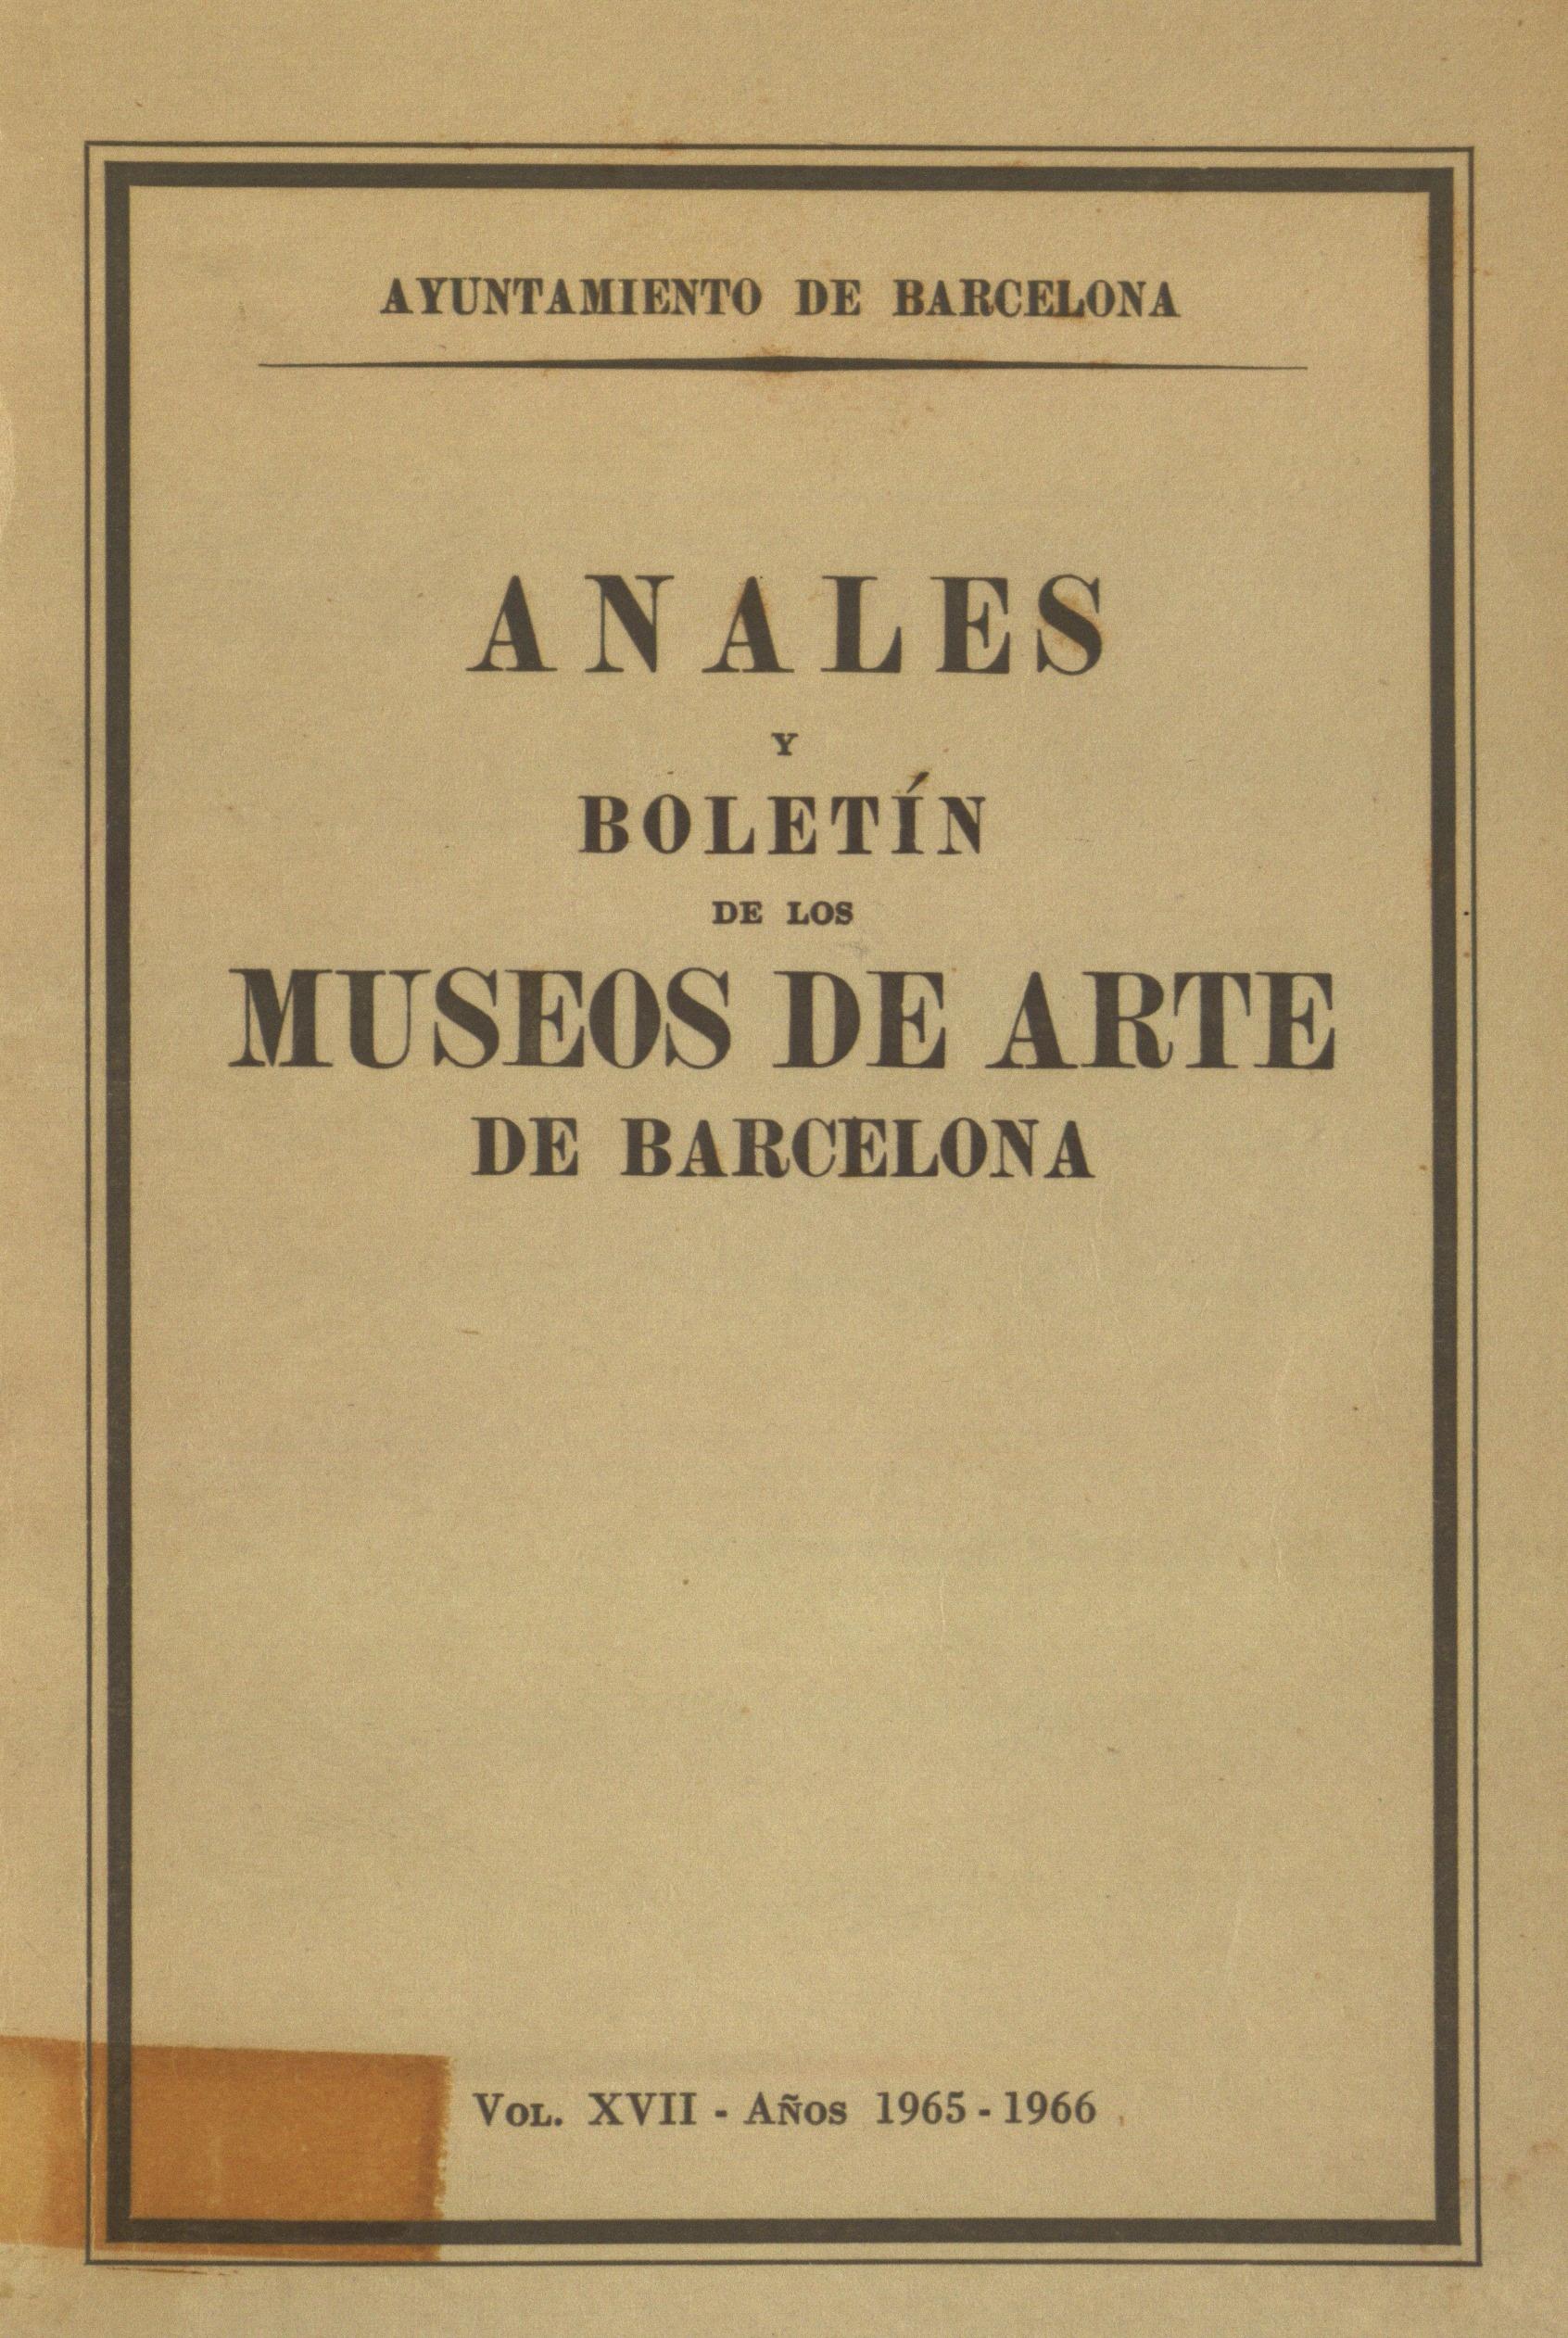 Vol. 17, 1965-1966, p. 80-103